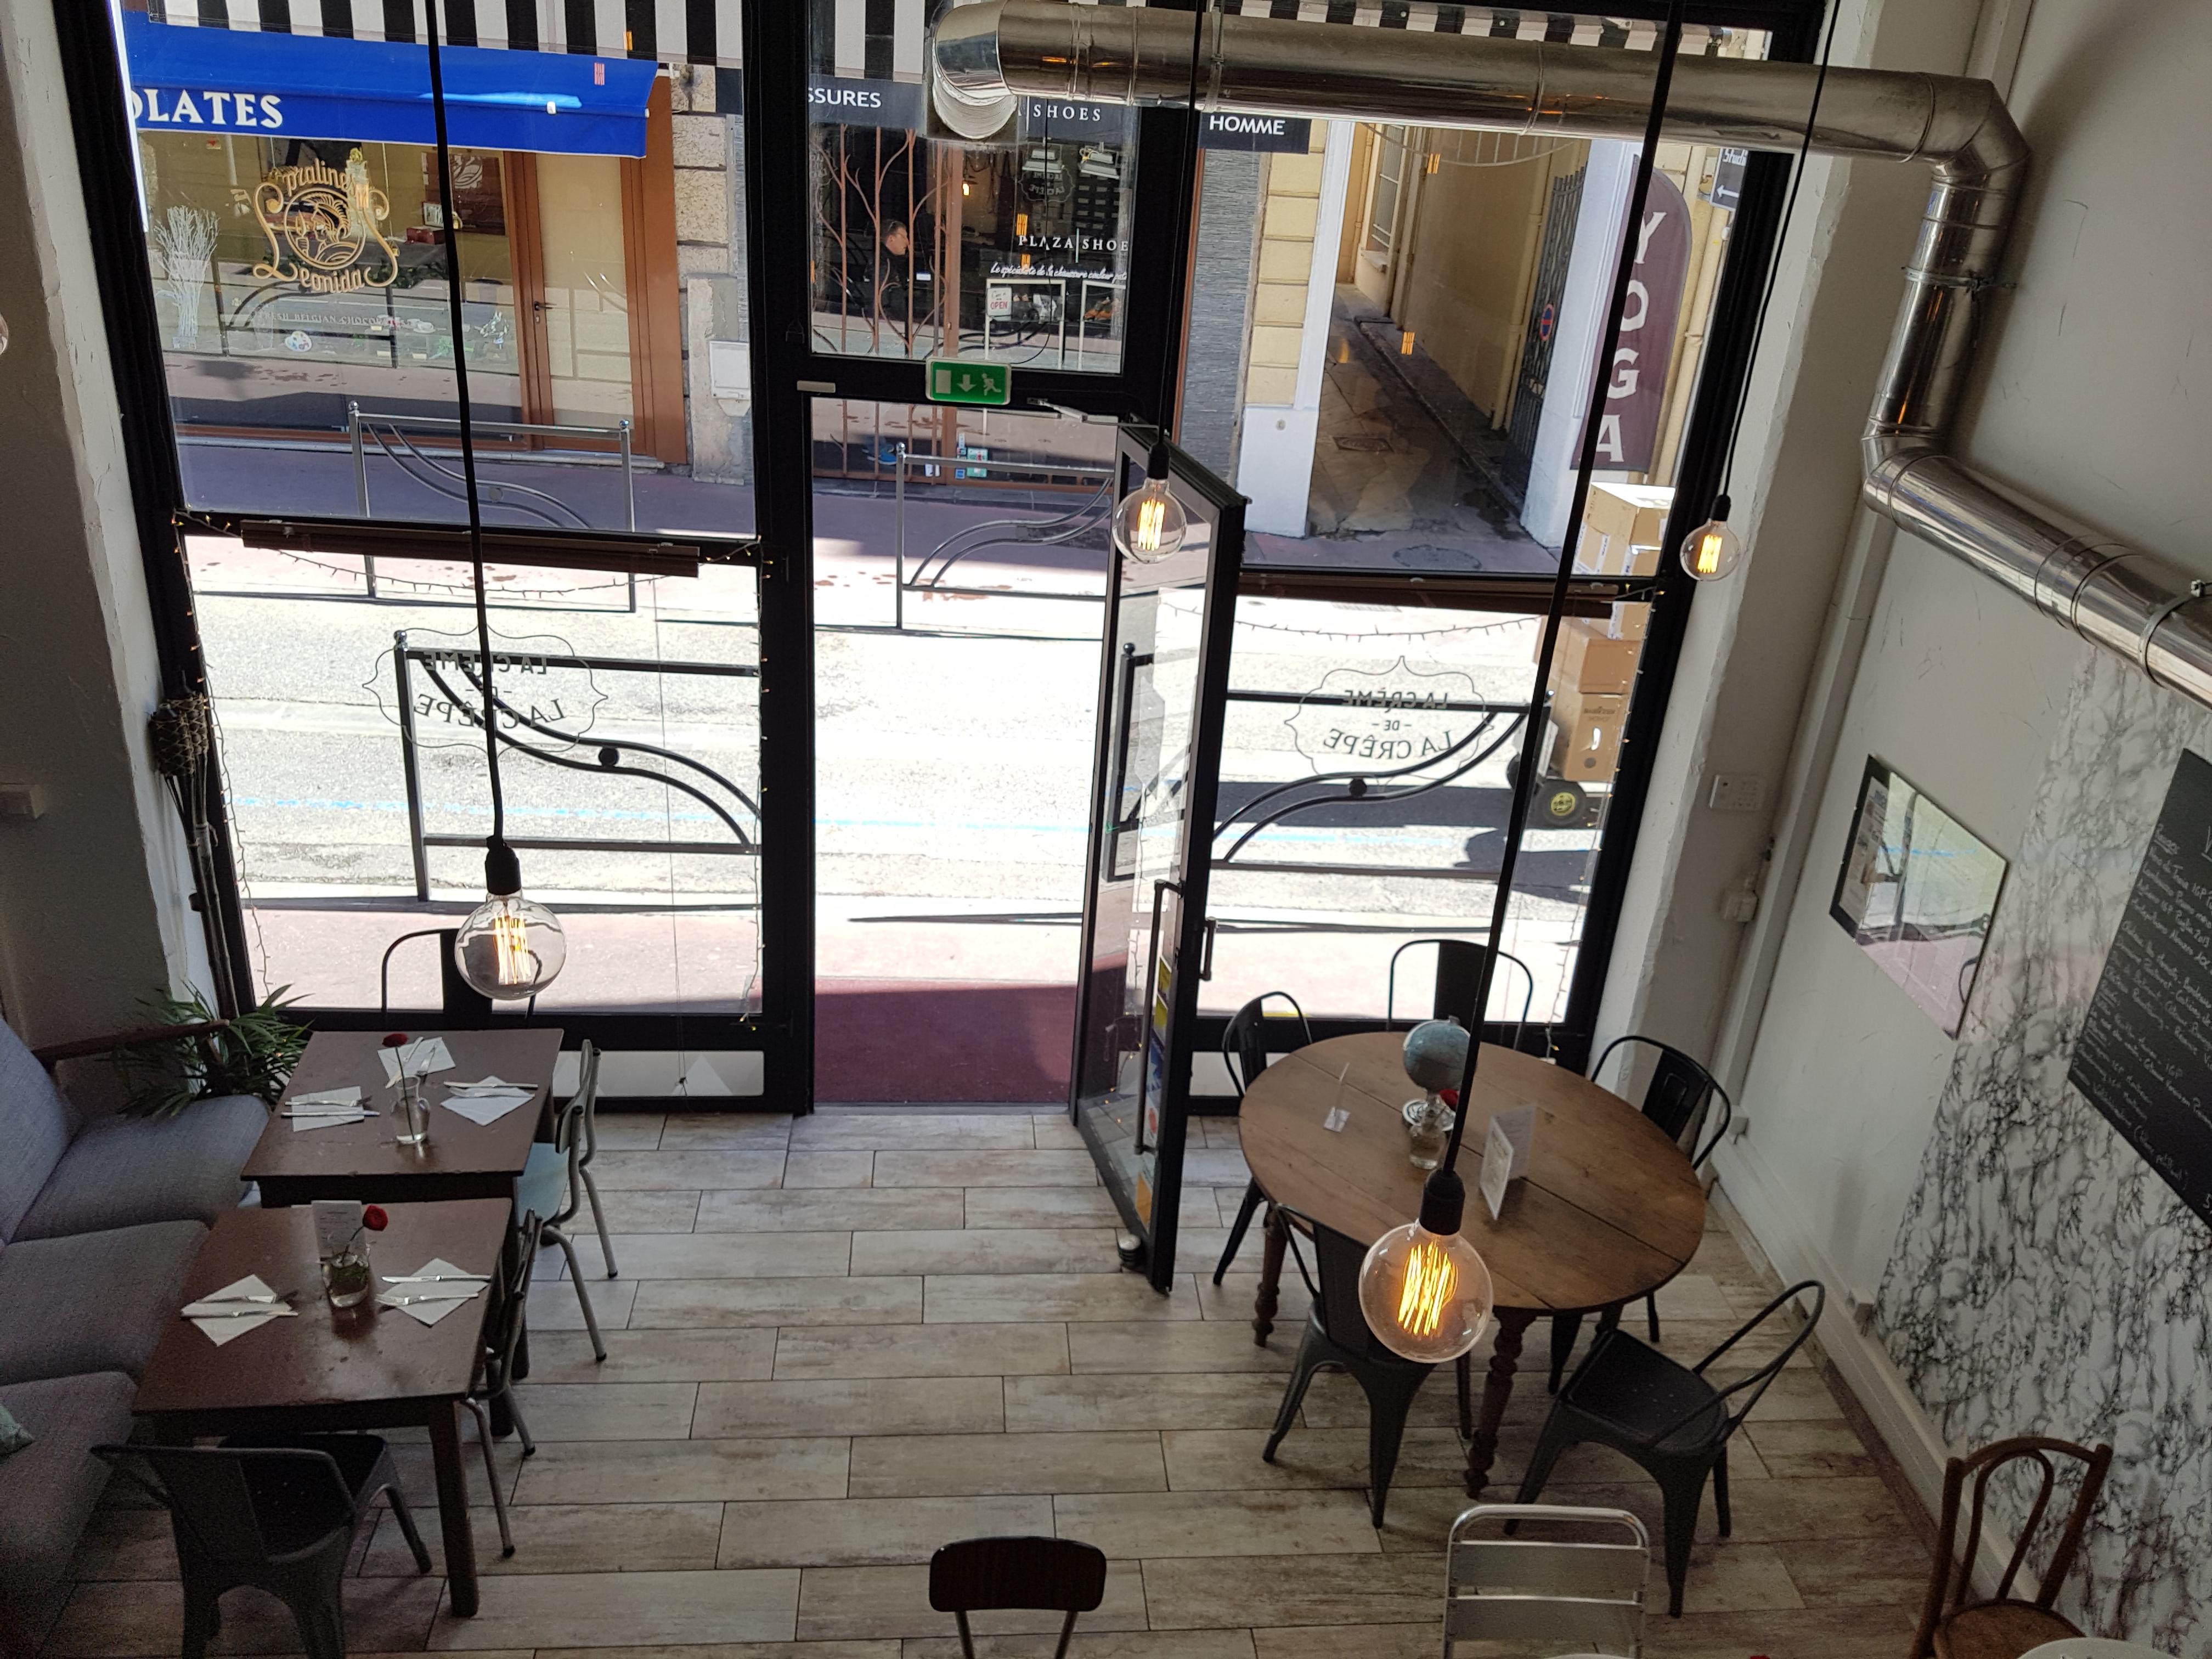 BLABLA CAFE DU LUNDI 1 MAI 2017 : TOUS ENSEMBLE à La Crème de la Crêpe - Rue Buttura - à Cannes à partir de 19h00